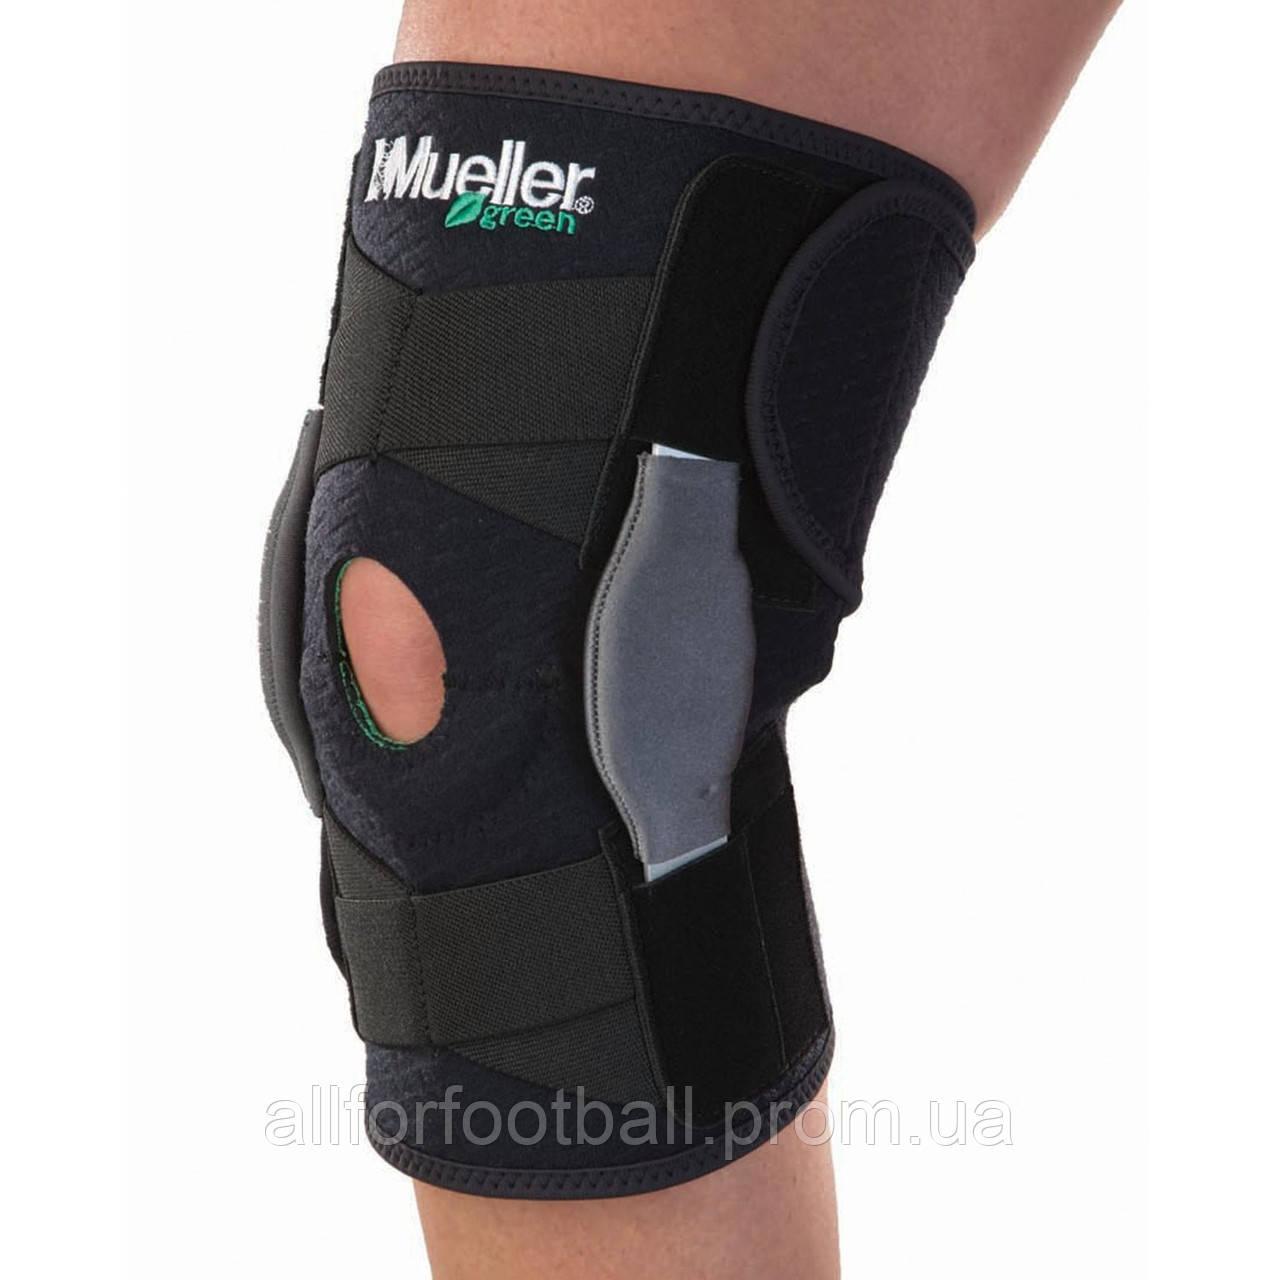 Mueller бандаж на коленный сустав цито отзывы по эндопротезированию коленного сустава